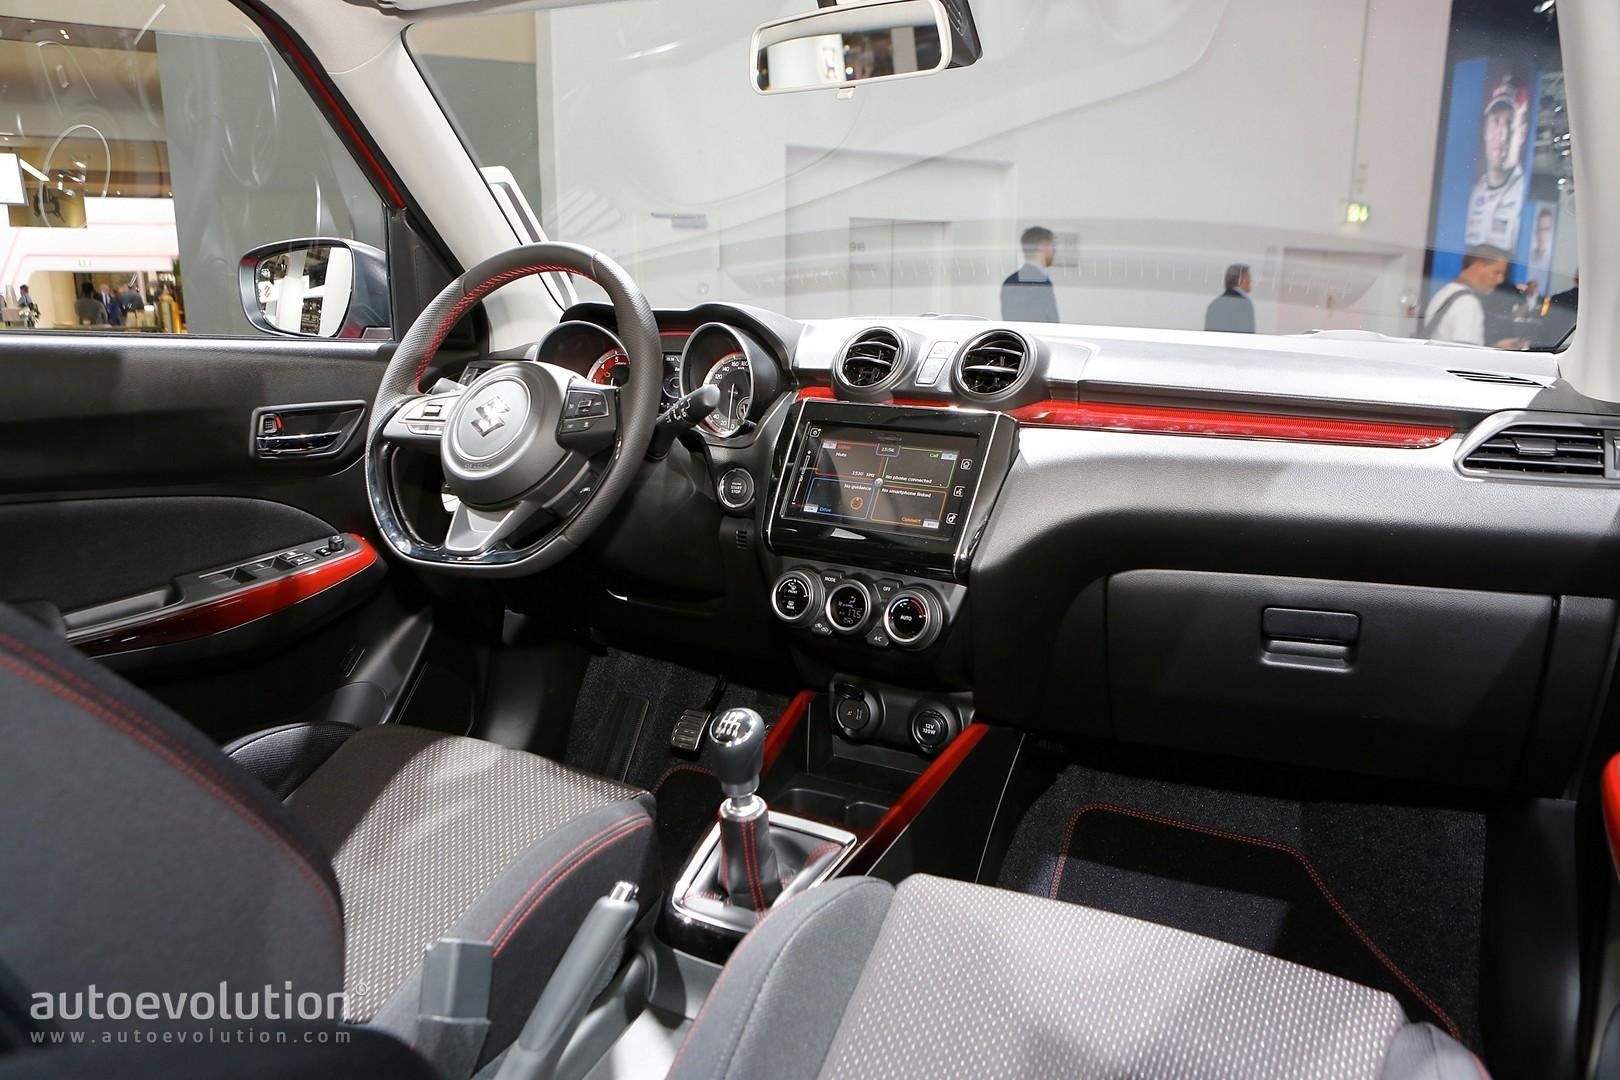 ... Suzuki Swift Sport Reveals 1.4 Turbo And Sexy Curves In Frankfurt ...